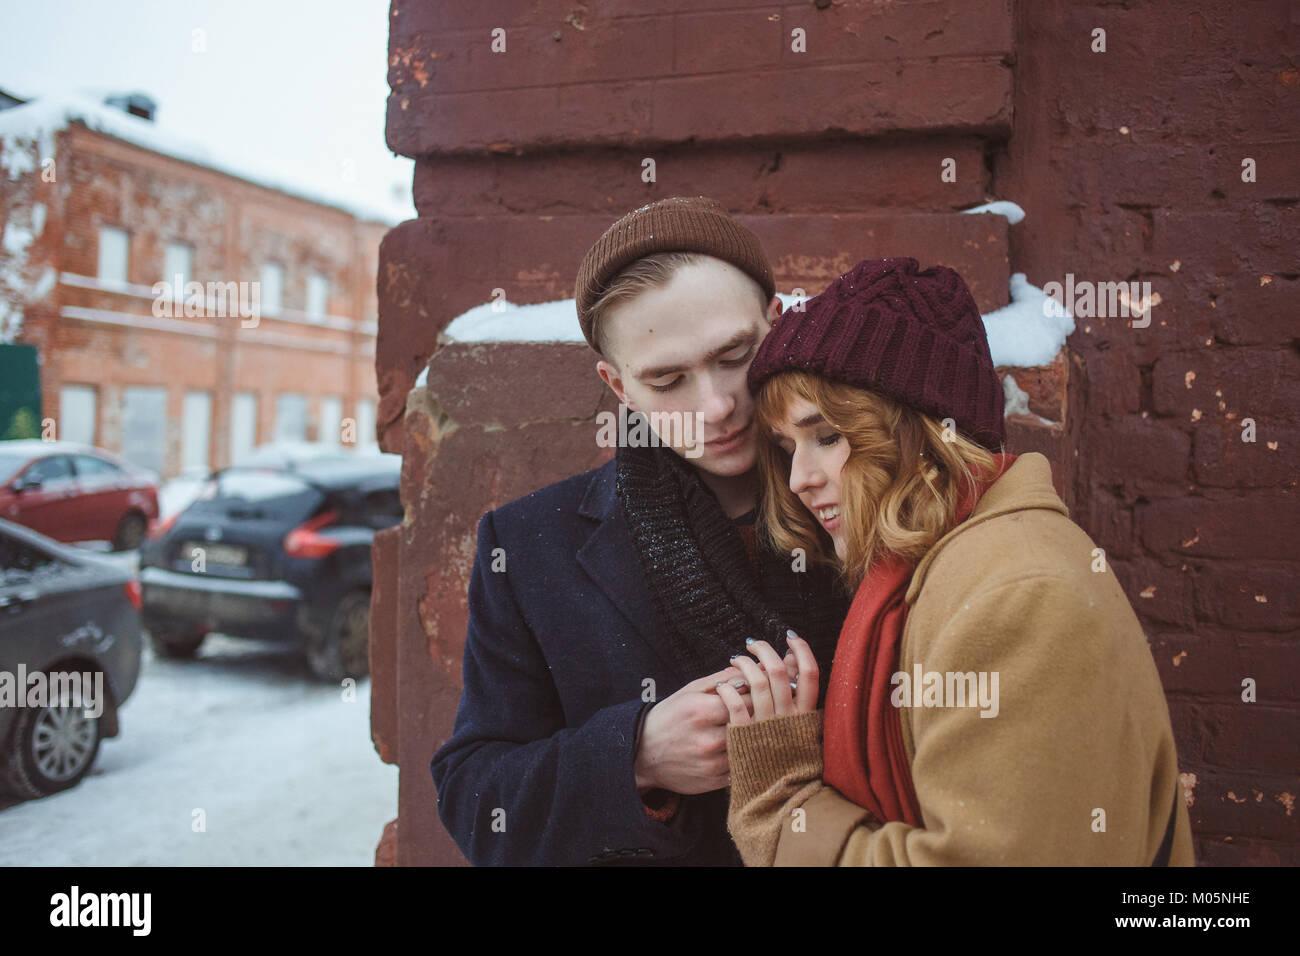 Junger Mann und eine Frau, die in der Nähe von Backstein Ecke des Gebäudes. Winter Straße. Datenschutz Stockbild